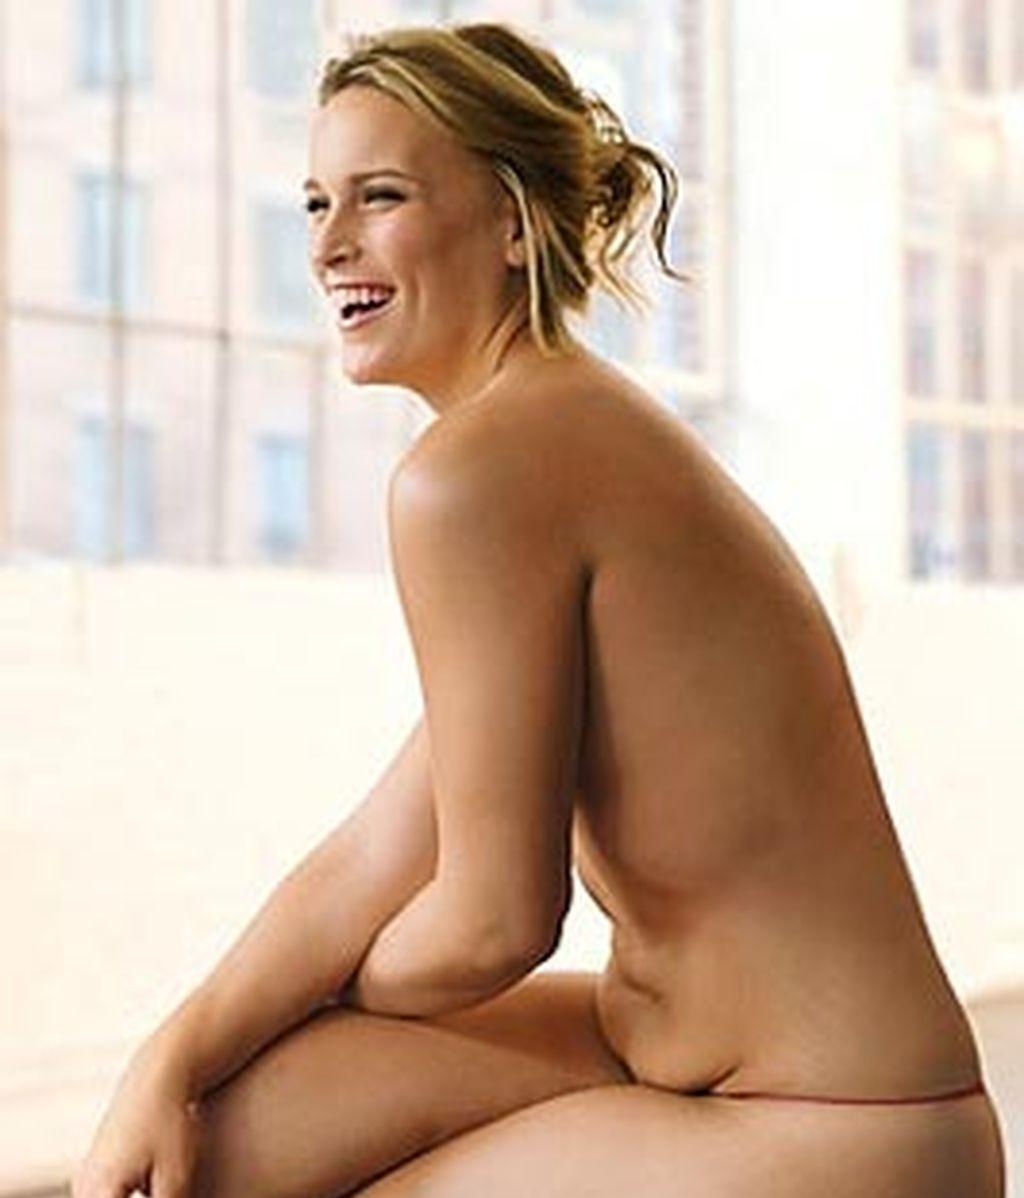 Lizzie Miller se convierte en una estrella tras posar con sus 80 kilos de peso para una revista de moda. Foto Glamour